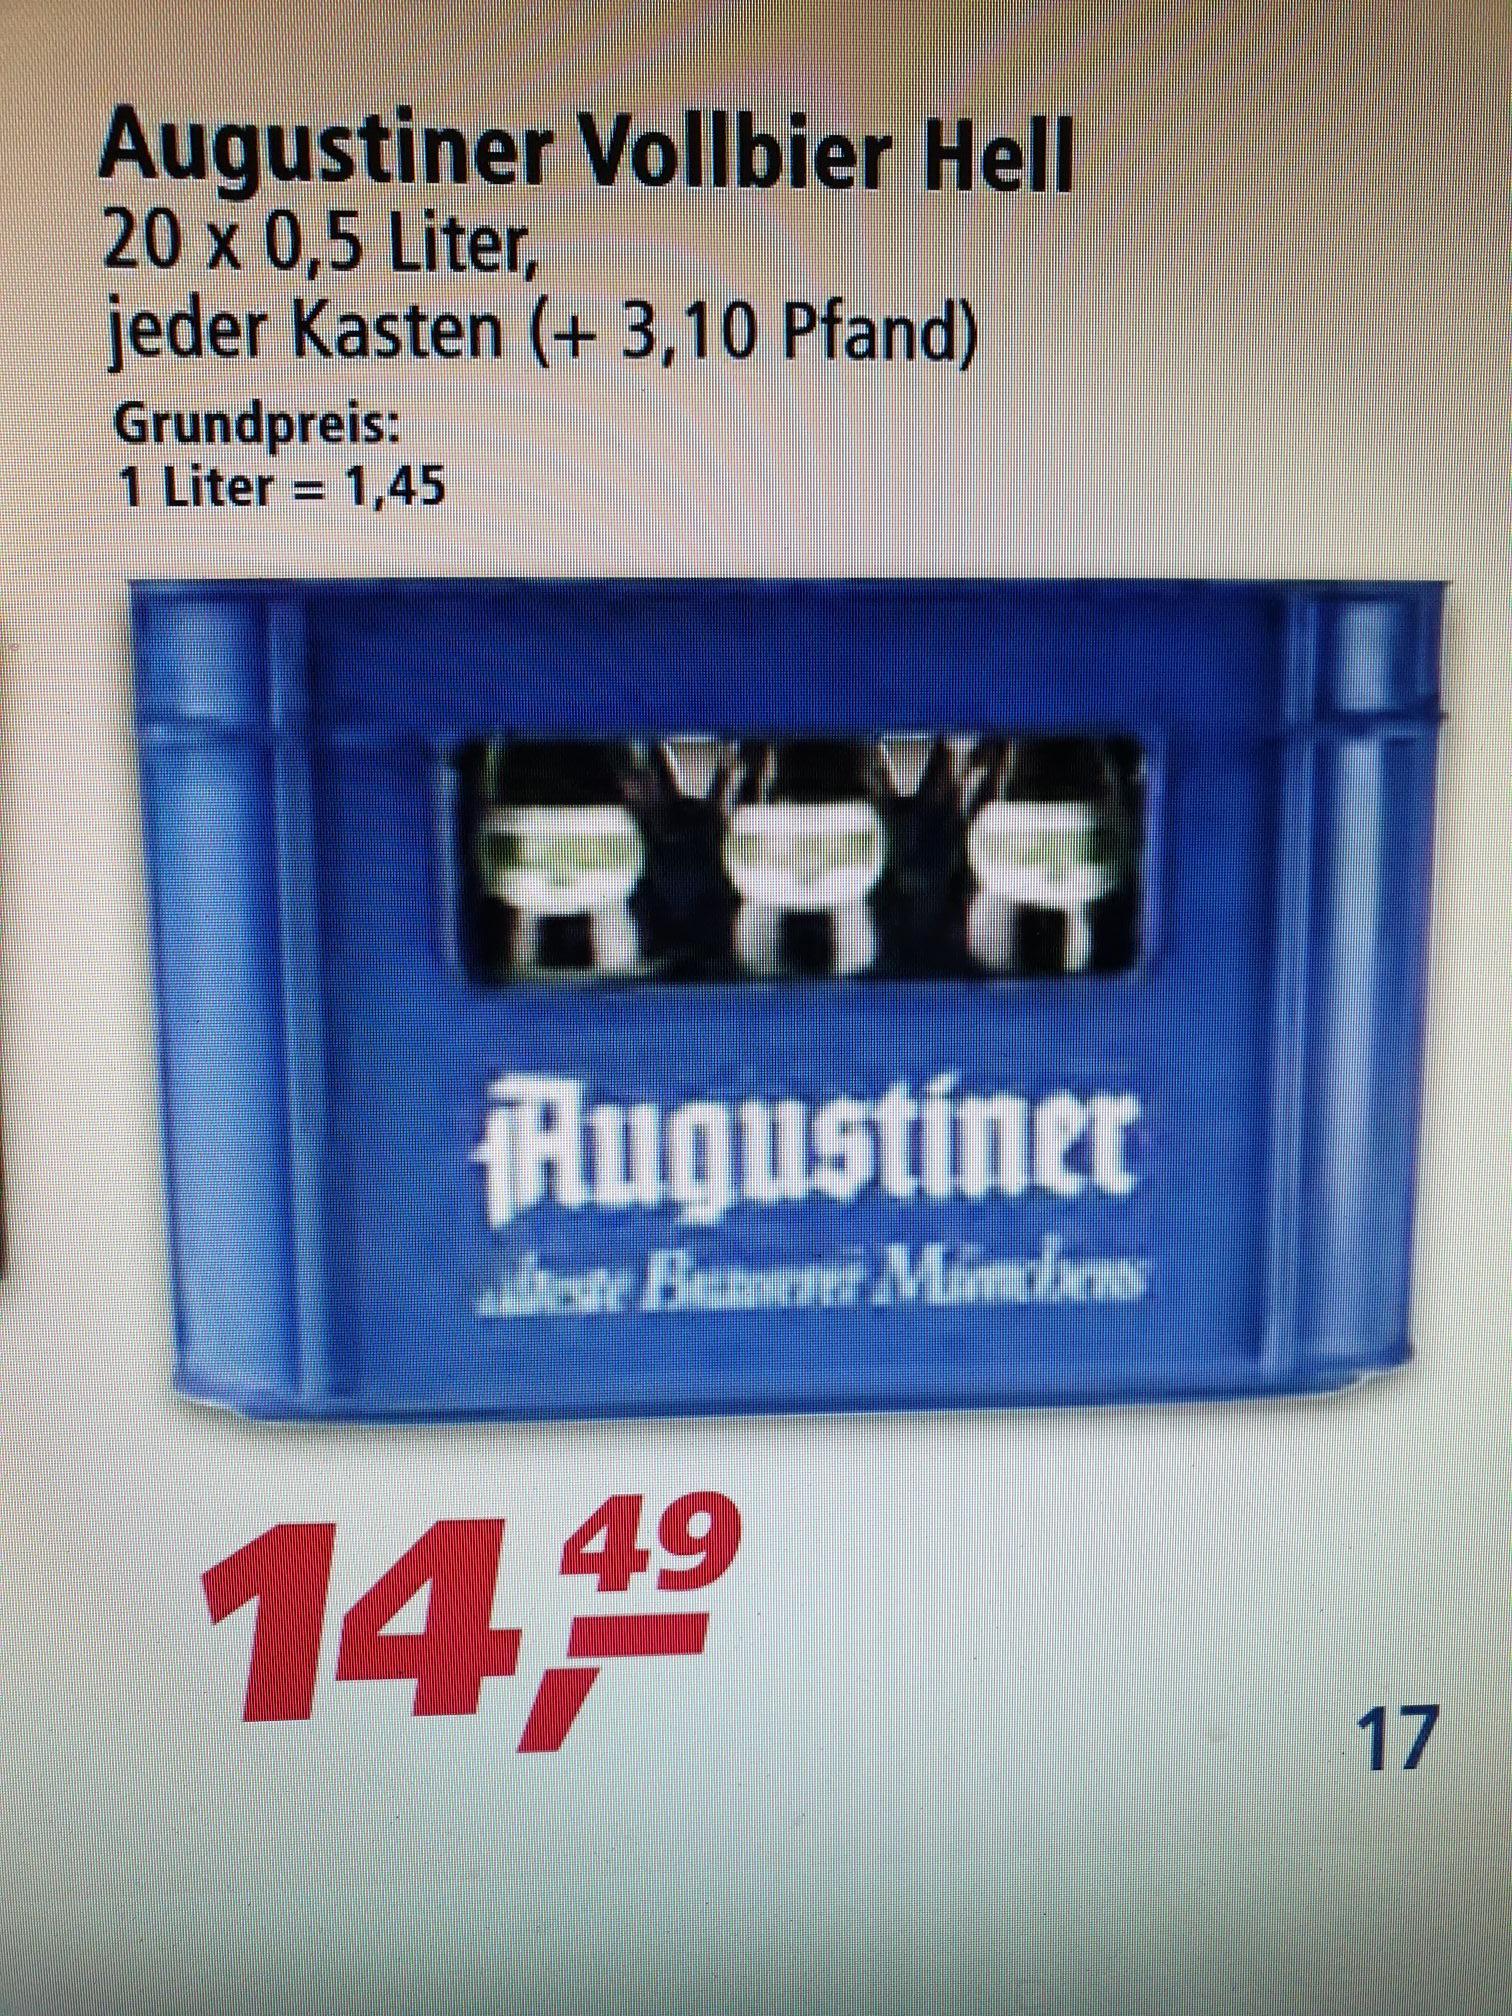 (Real-Markt evtl. lokal) Augustiner Helles Vollbier Kiste 20 x 0,5 Liter für 14,49€ Bier